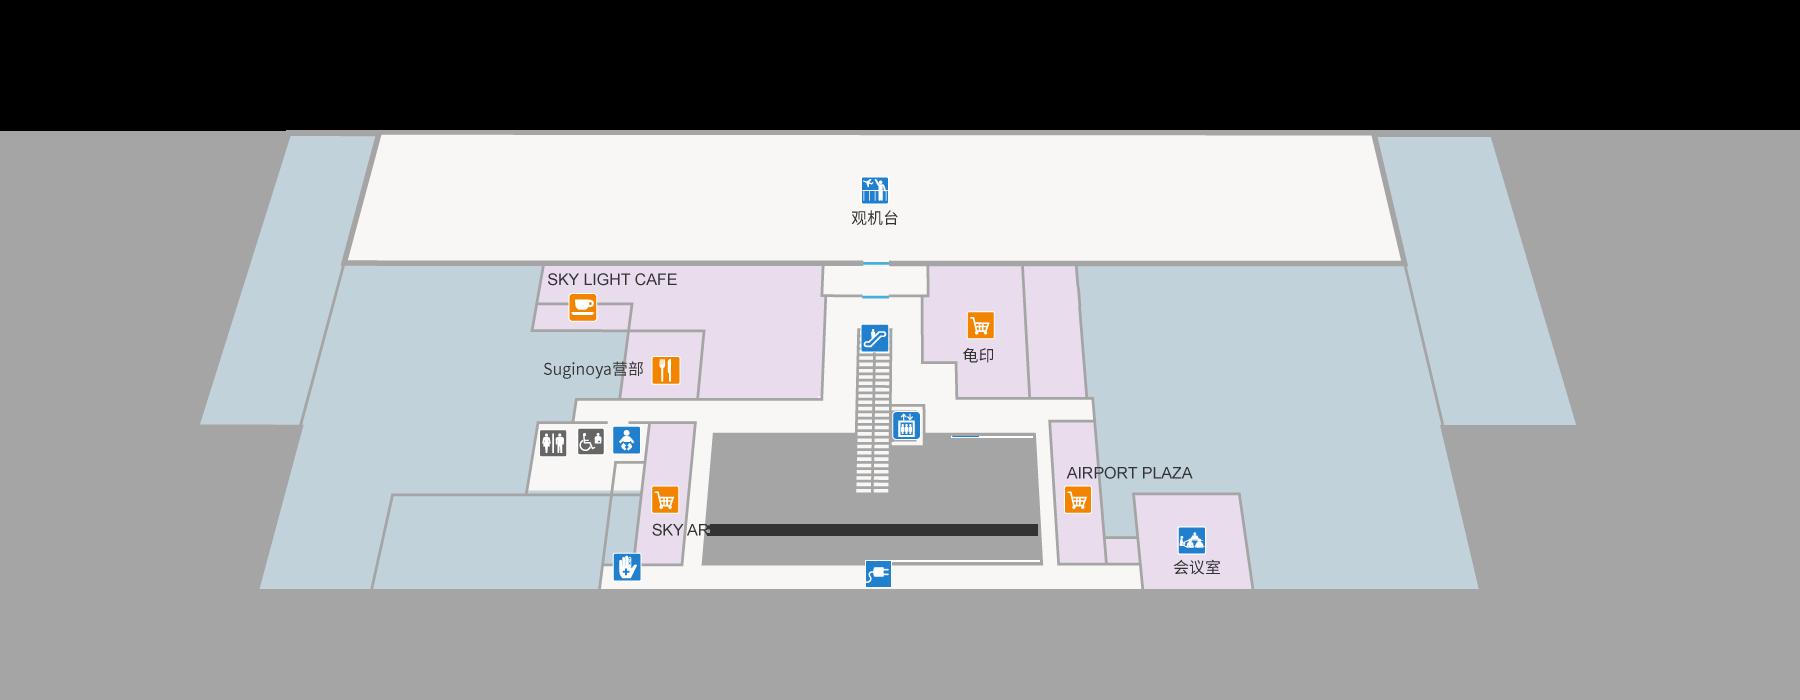 2楼的服务设施、设备